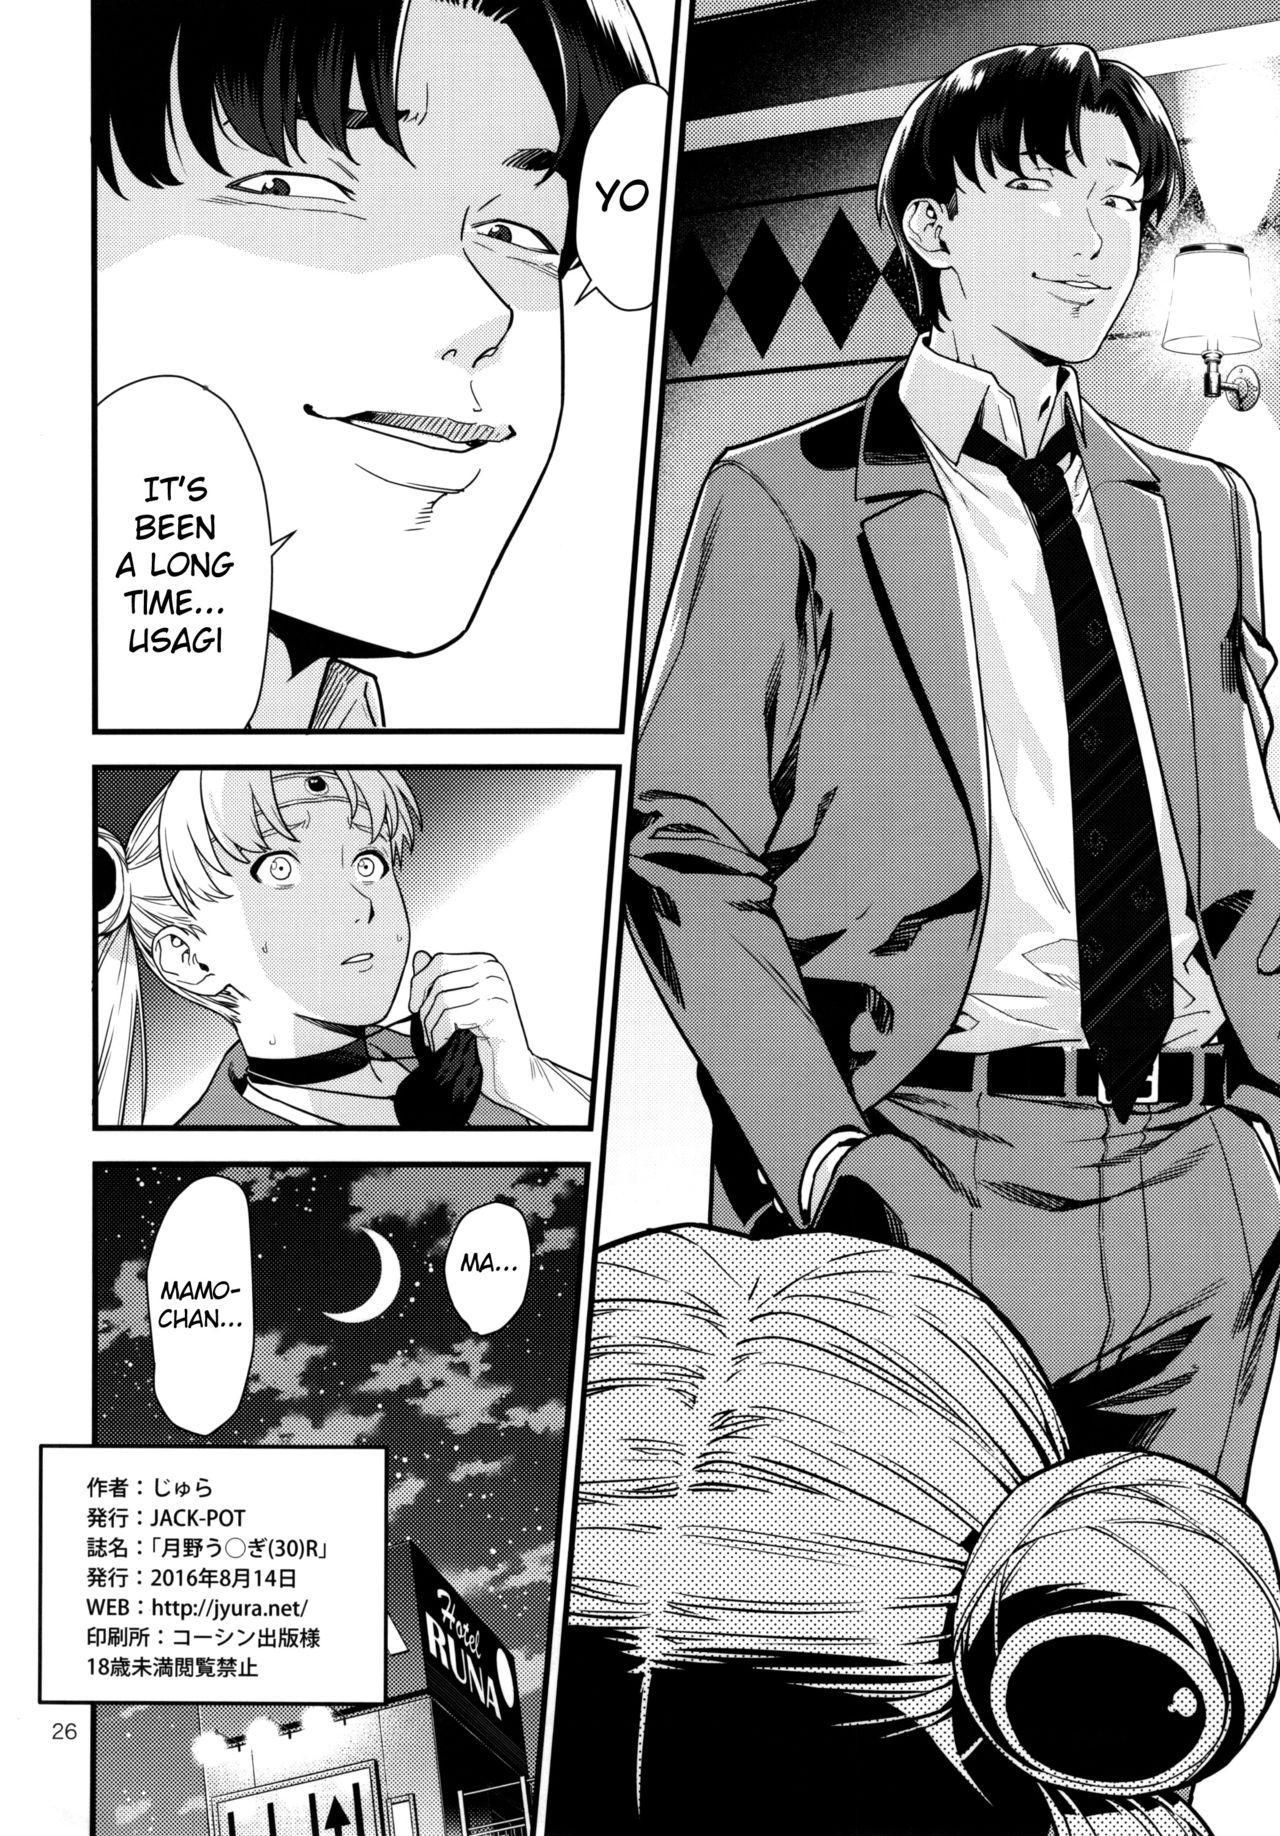 (C90) [JACK-POT (Jyura)] Tsukino Usagi (30) R ~Deliheal Zuma Hen~ (Bishoujo Senshi Sailor Moon) [English] {doujins.com} 24